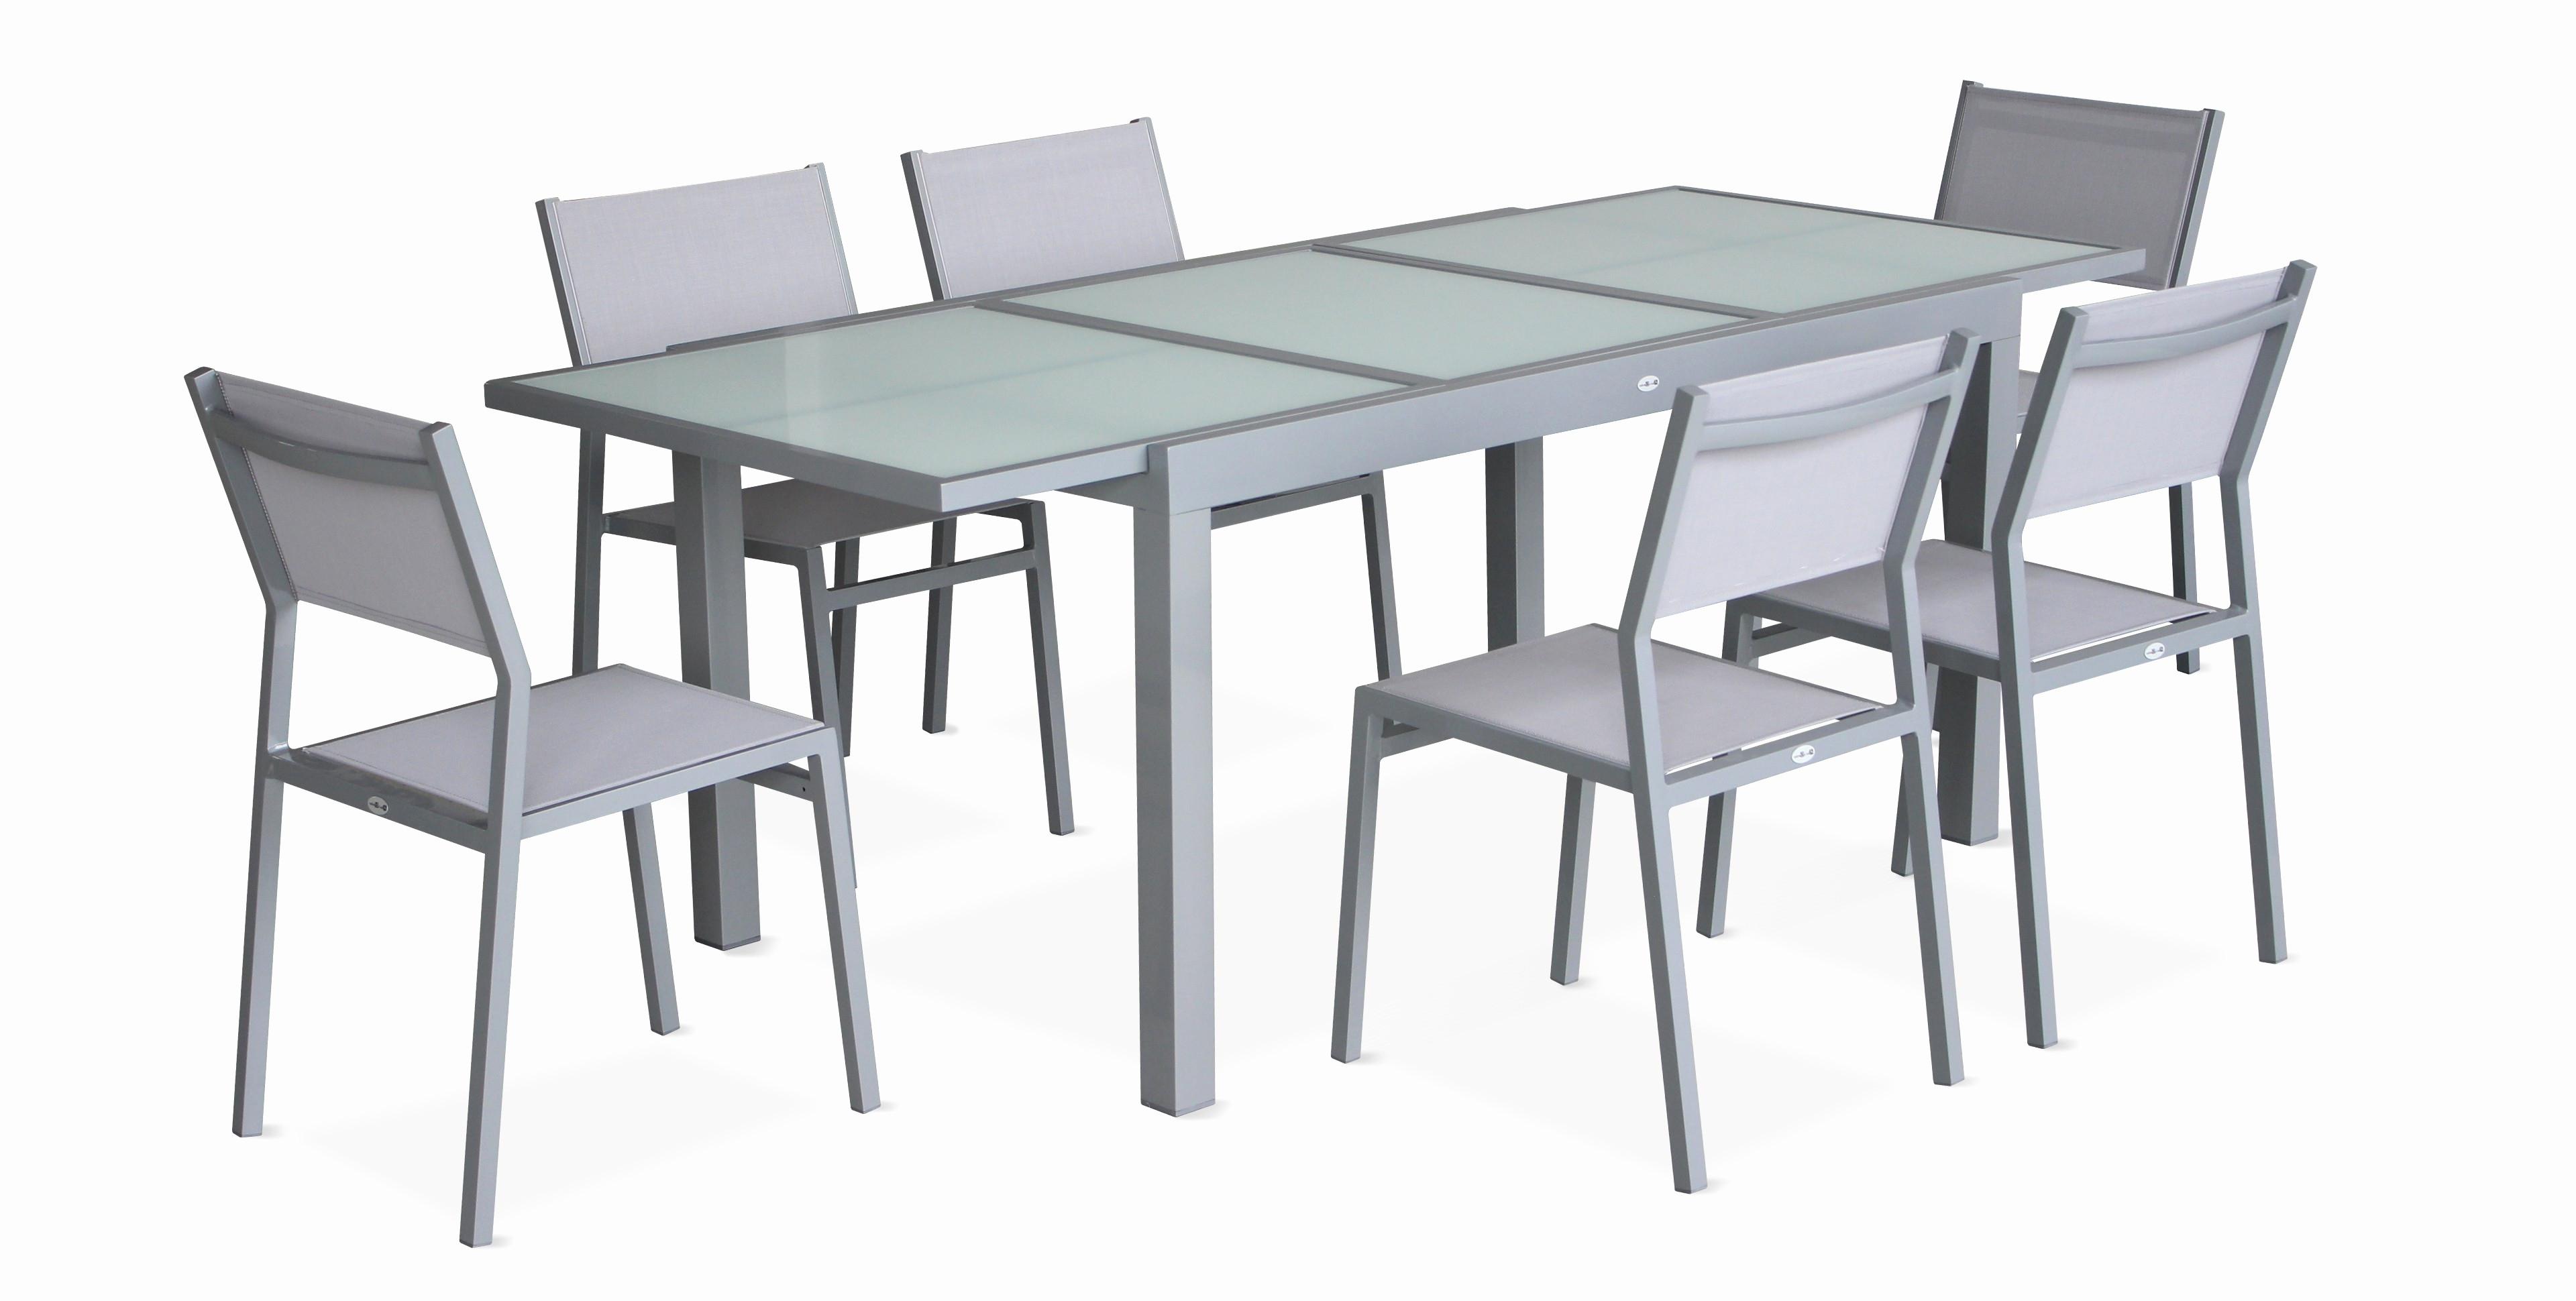 Gifi Chaises De Jardin Élégant Photographie Chaise De Jardin Gifi De Imposant Table Camping Gifi Good Table with